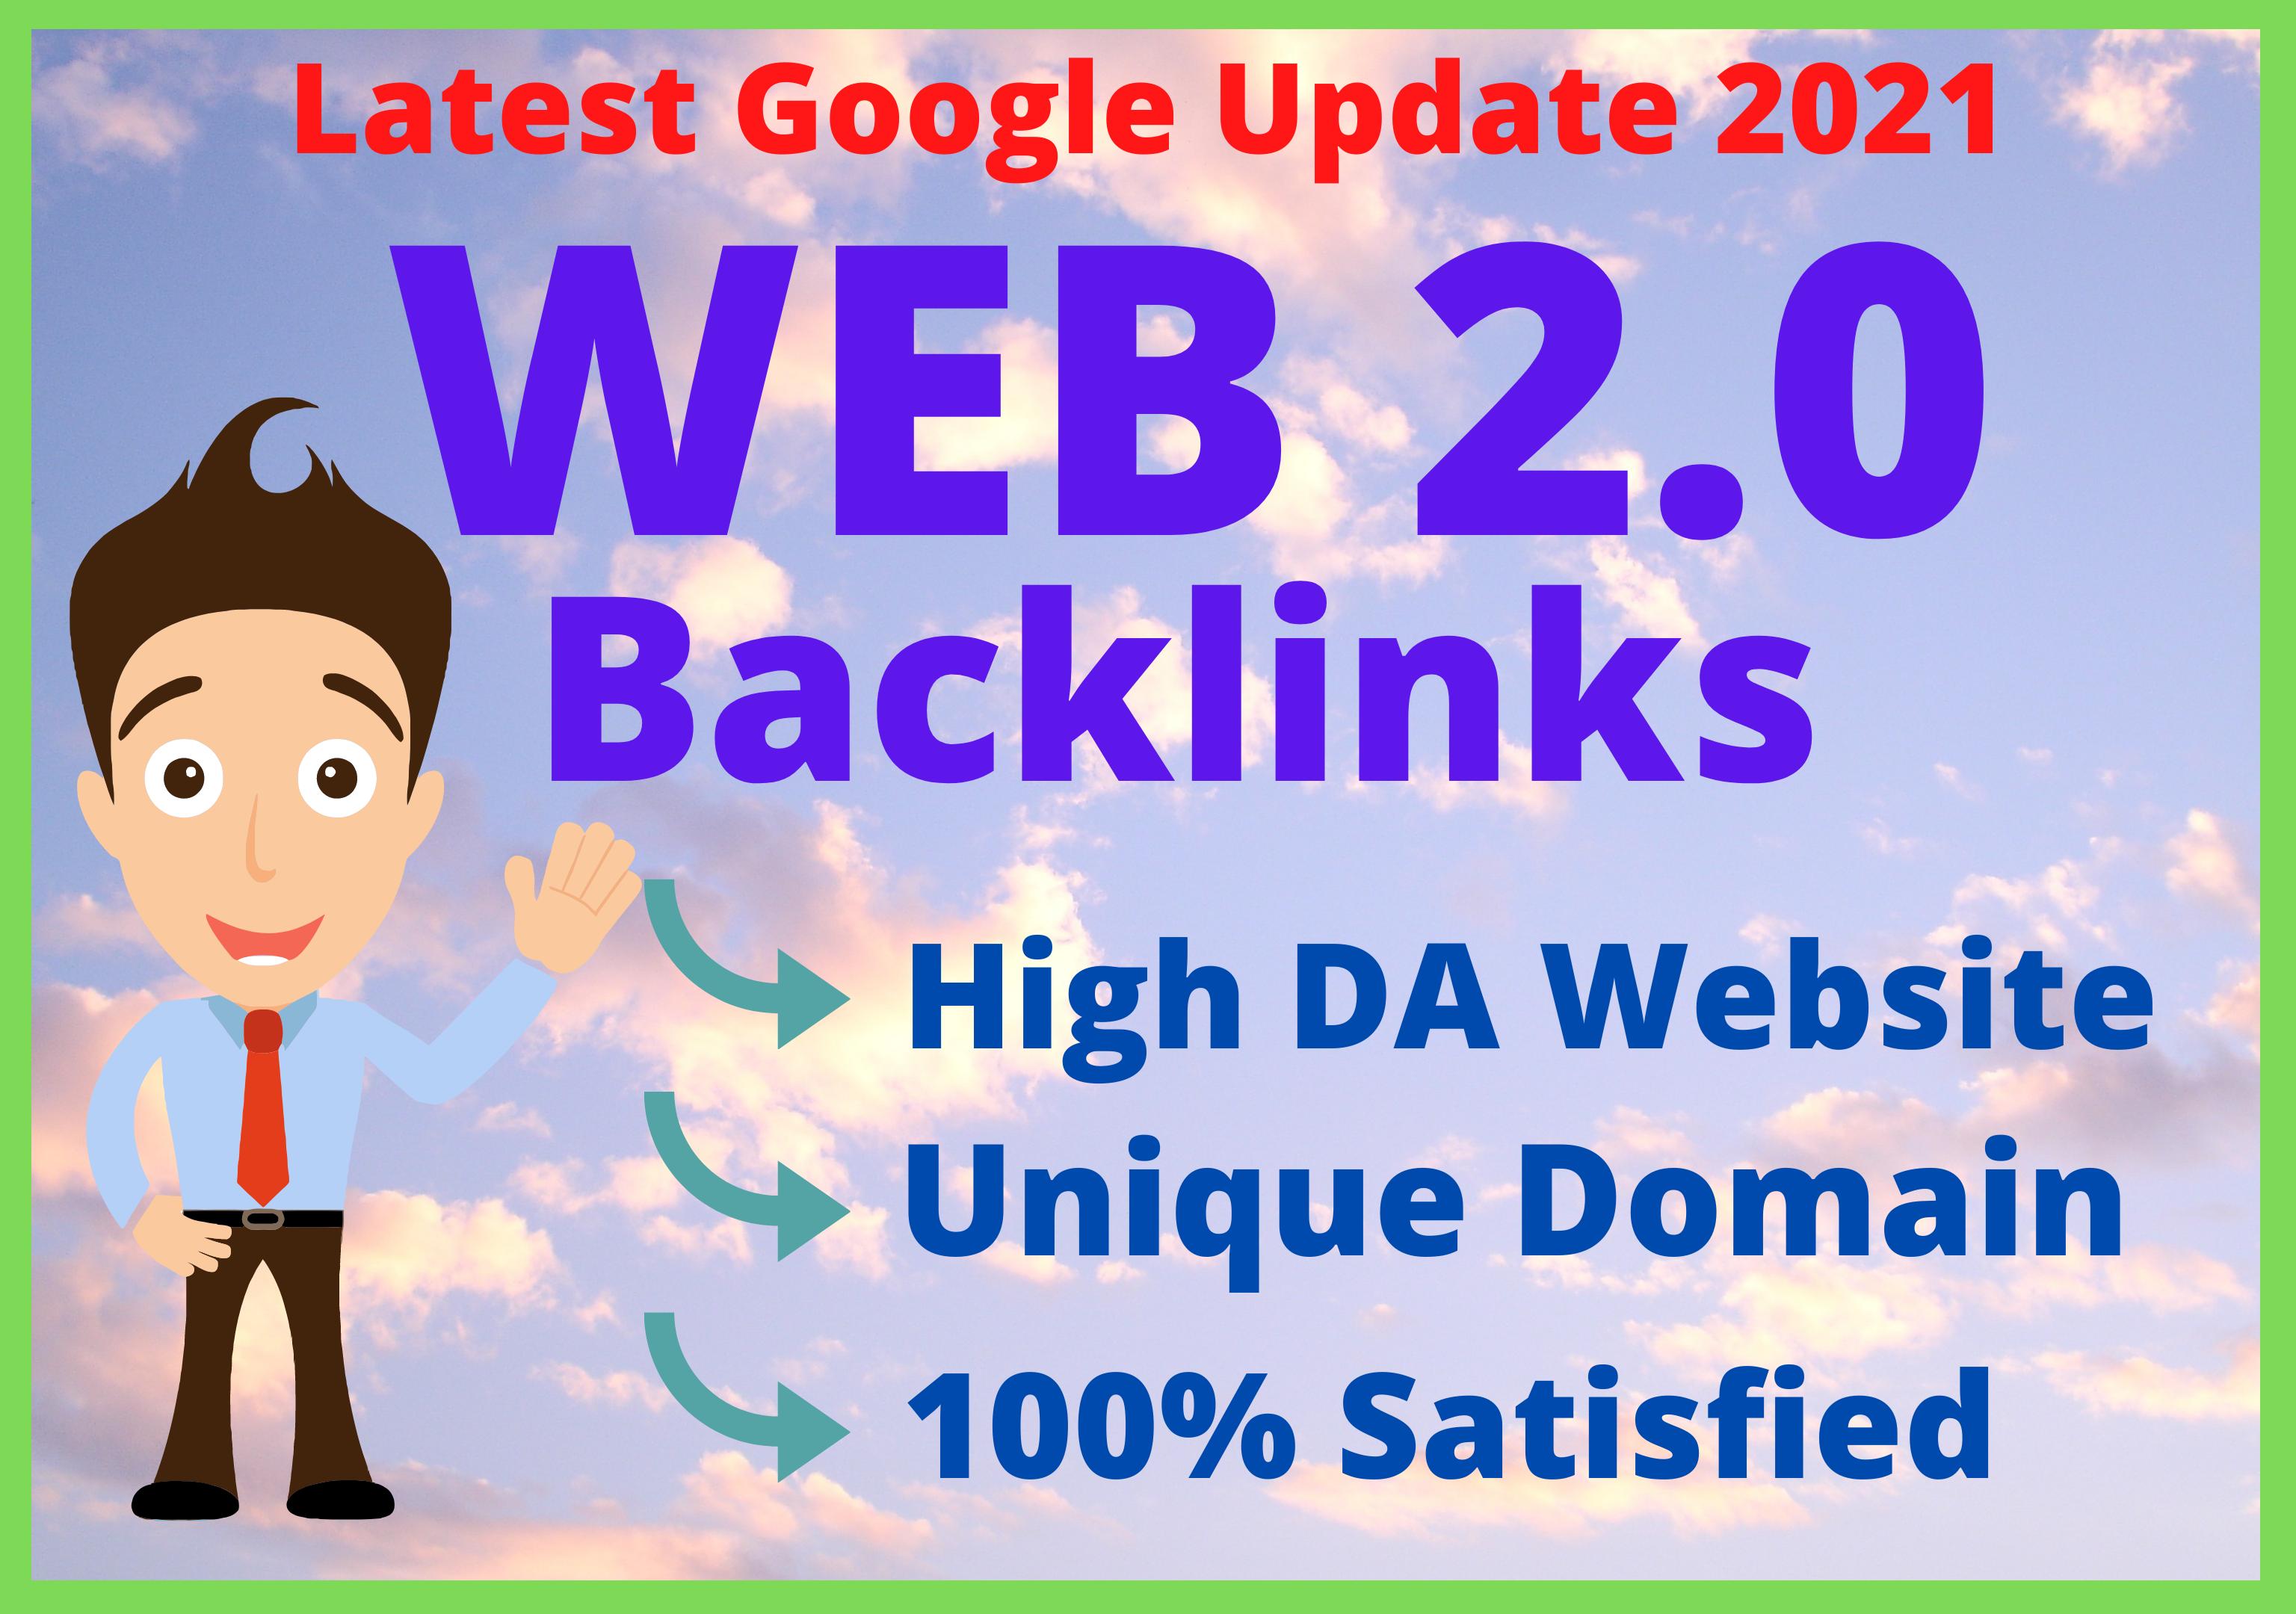 I will provide 50 Web 2.0 With High DA PA